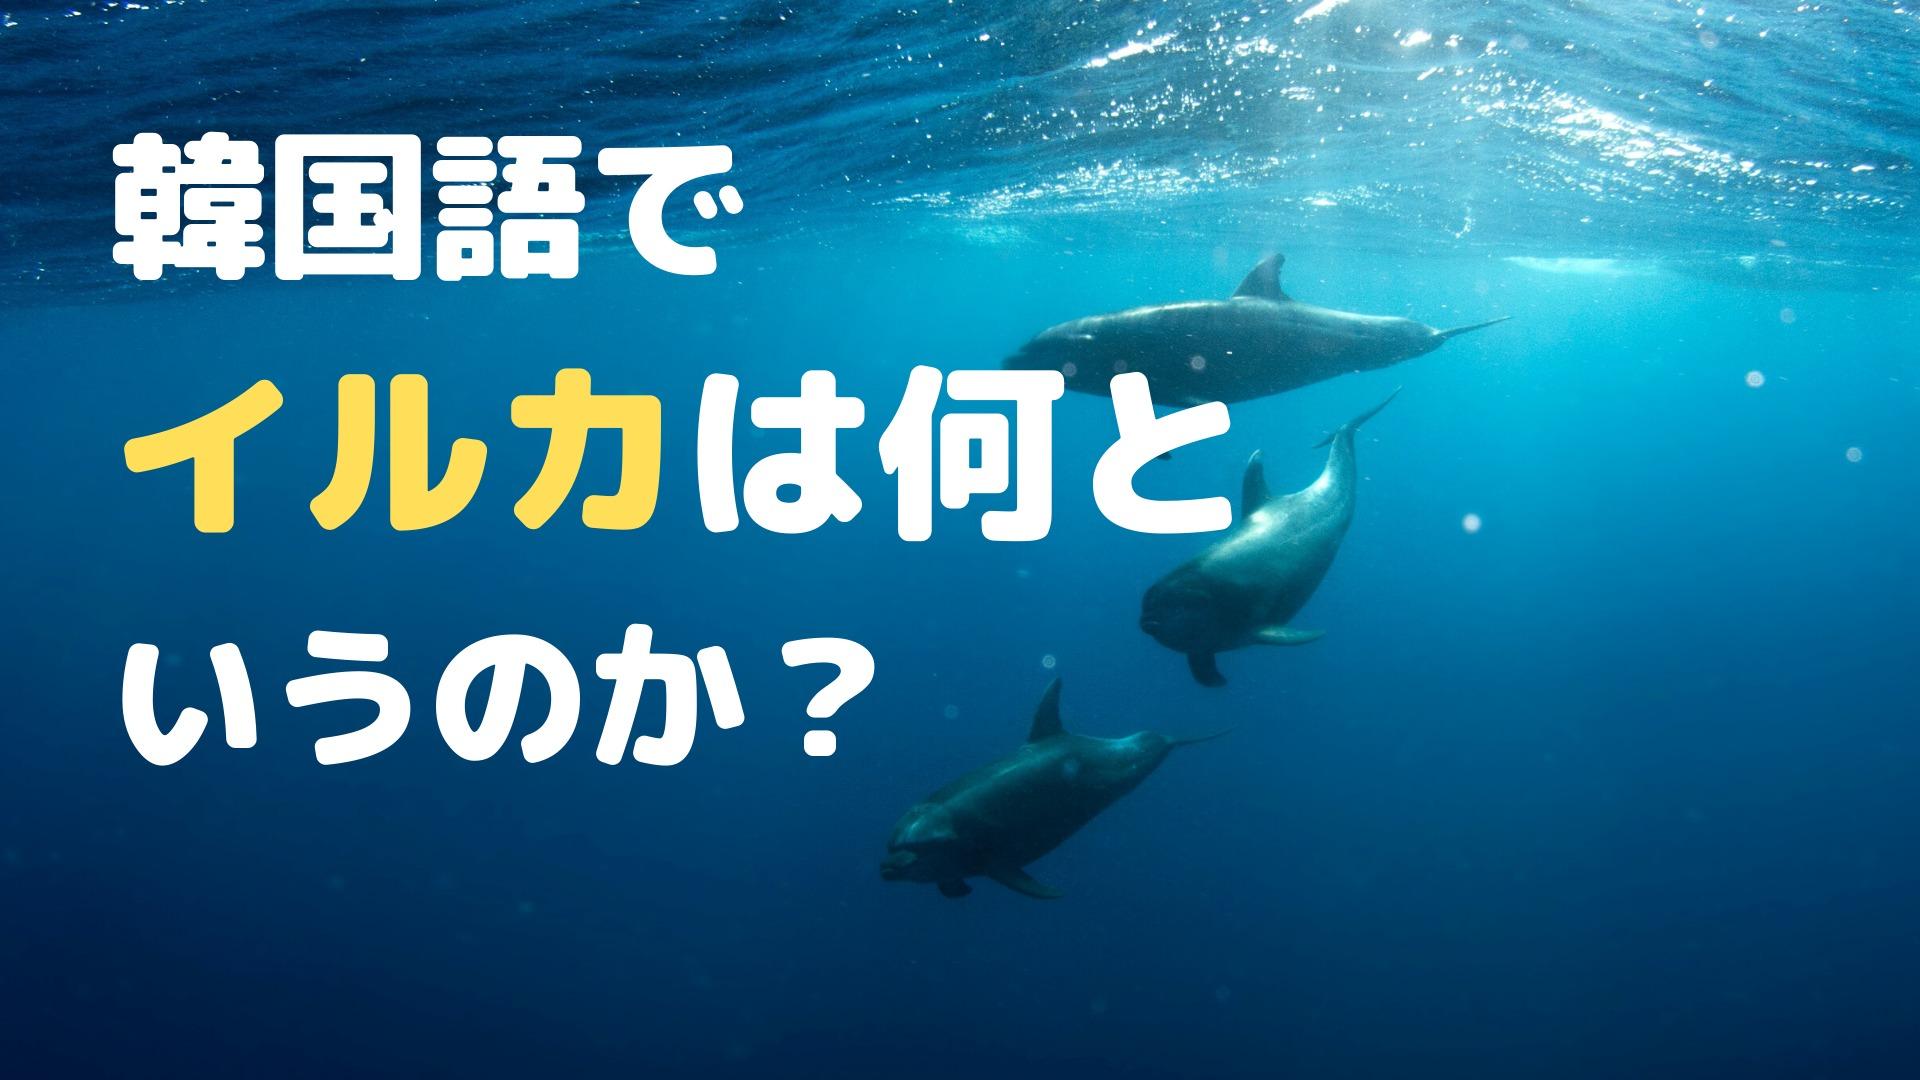 イルカは韓国語で何という?【各部位の名称も】